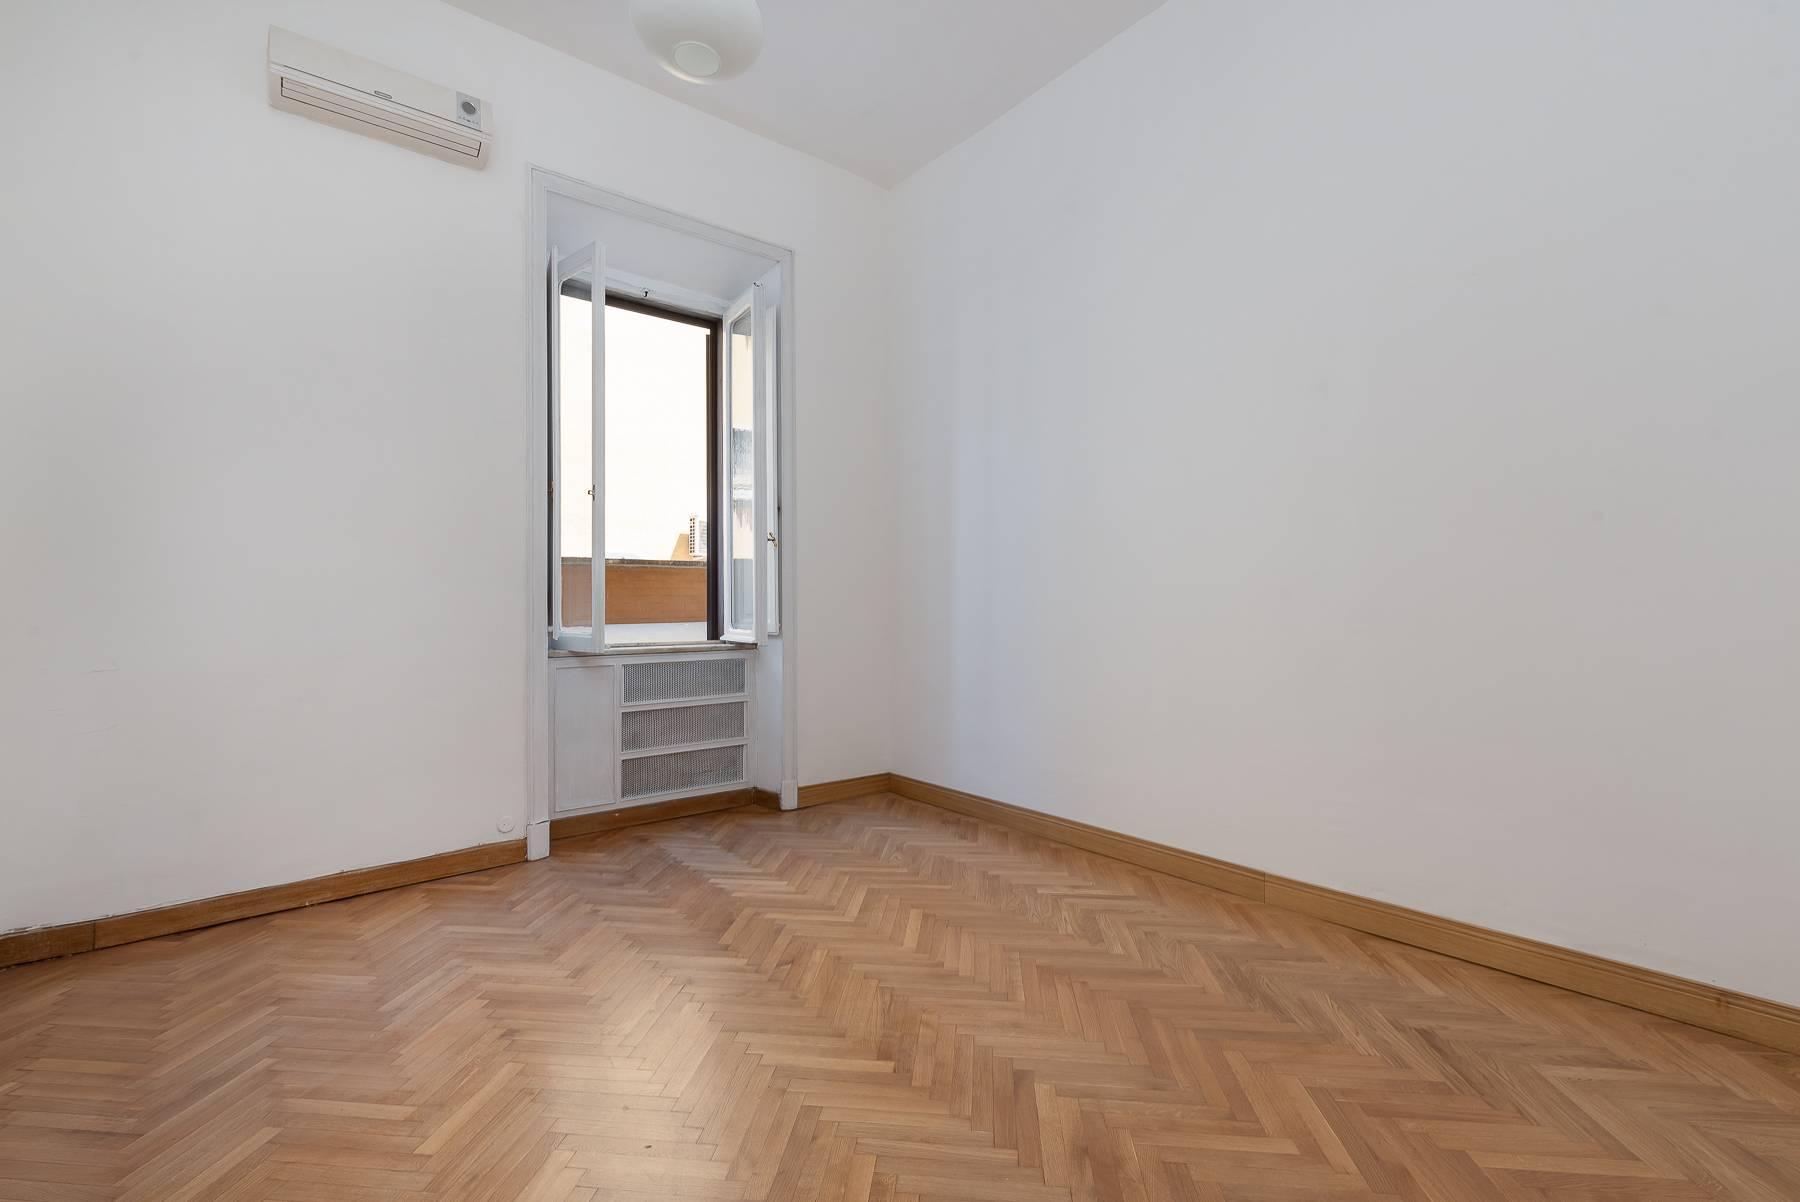 Elégant et spacieux appartement avec terrasse, jardin et garage. - 11